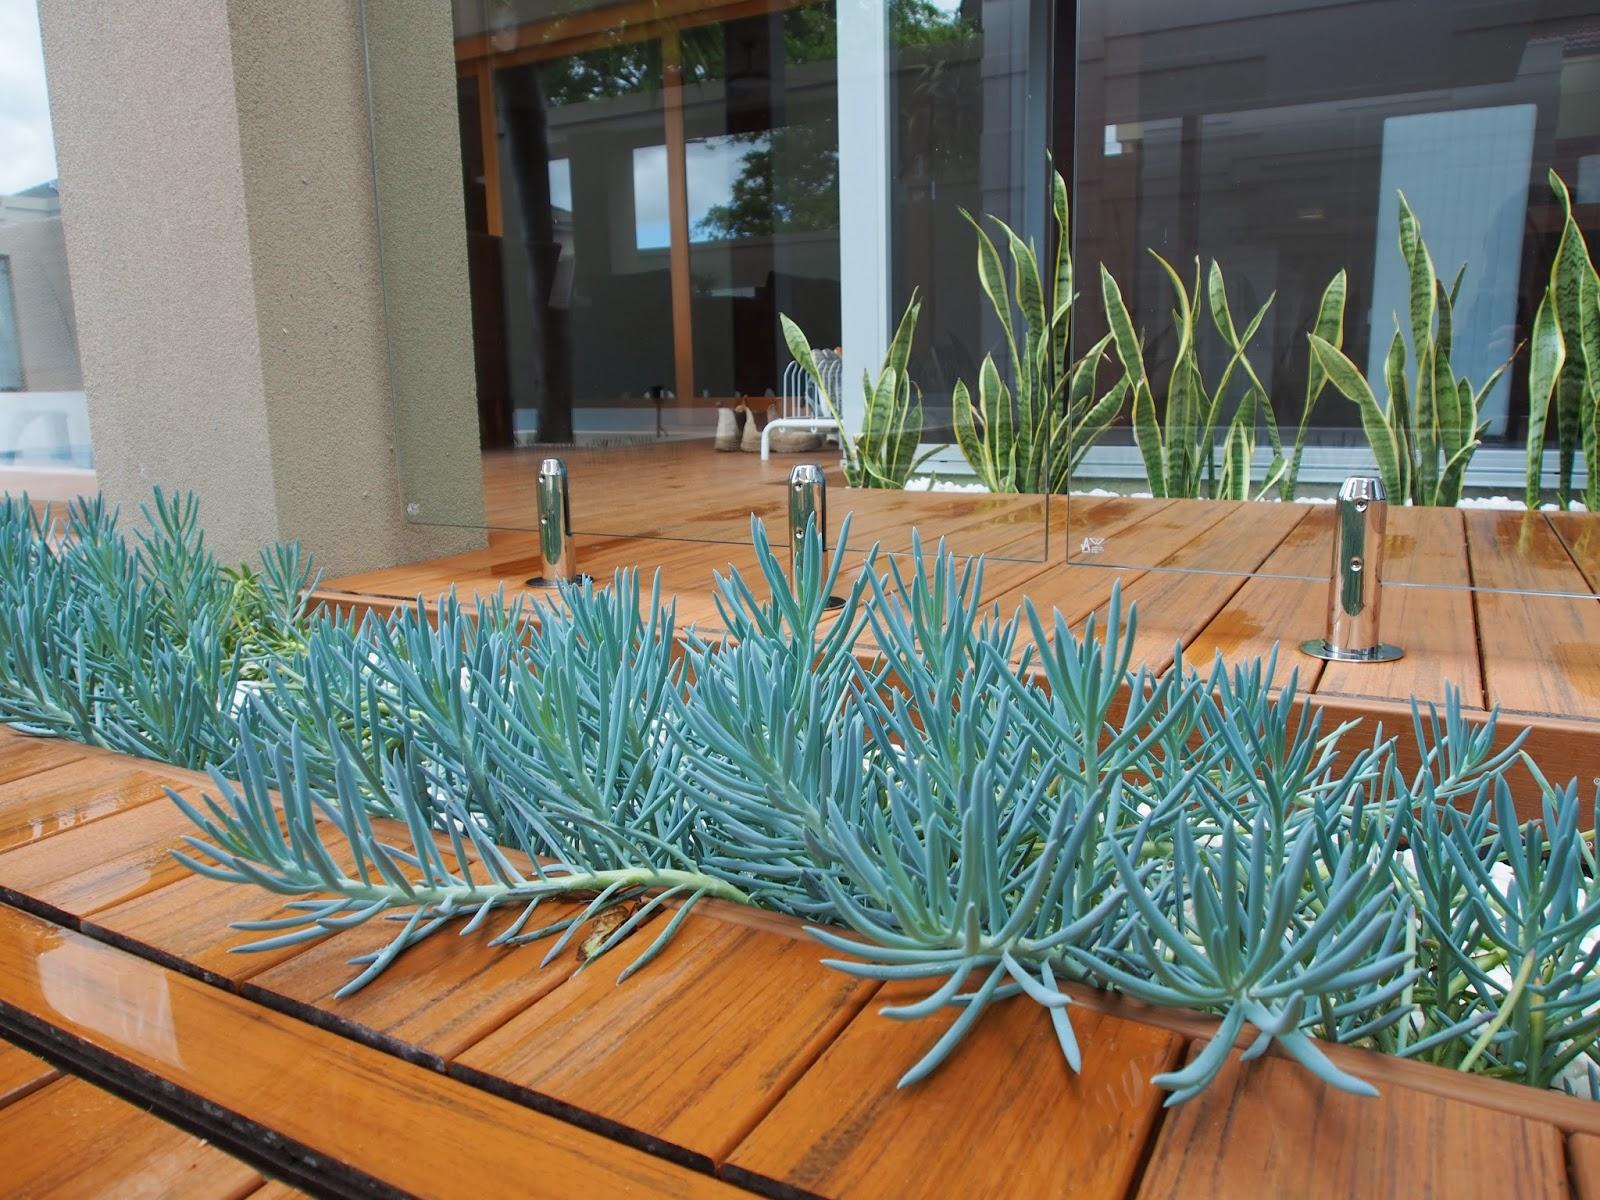 Exterior Visions Garden Design Blog November 2013